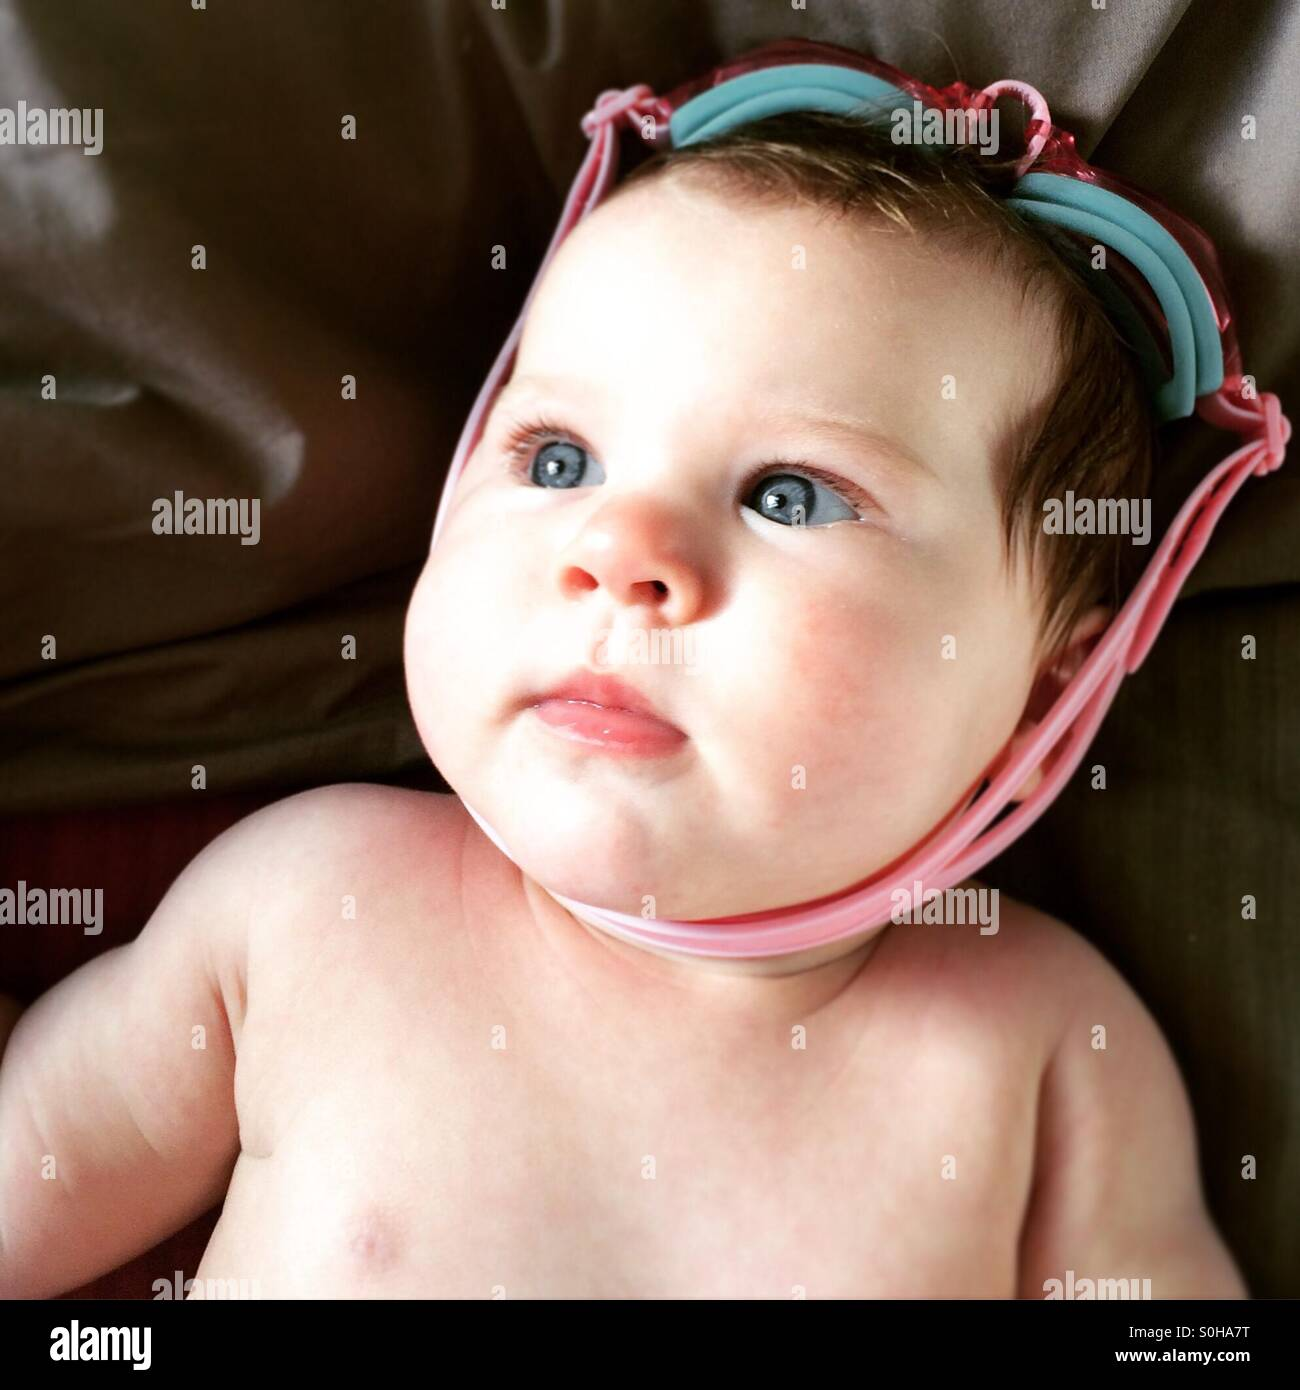 Clases de natación para bebés Imagen De Stock